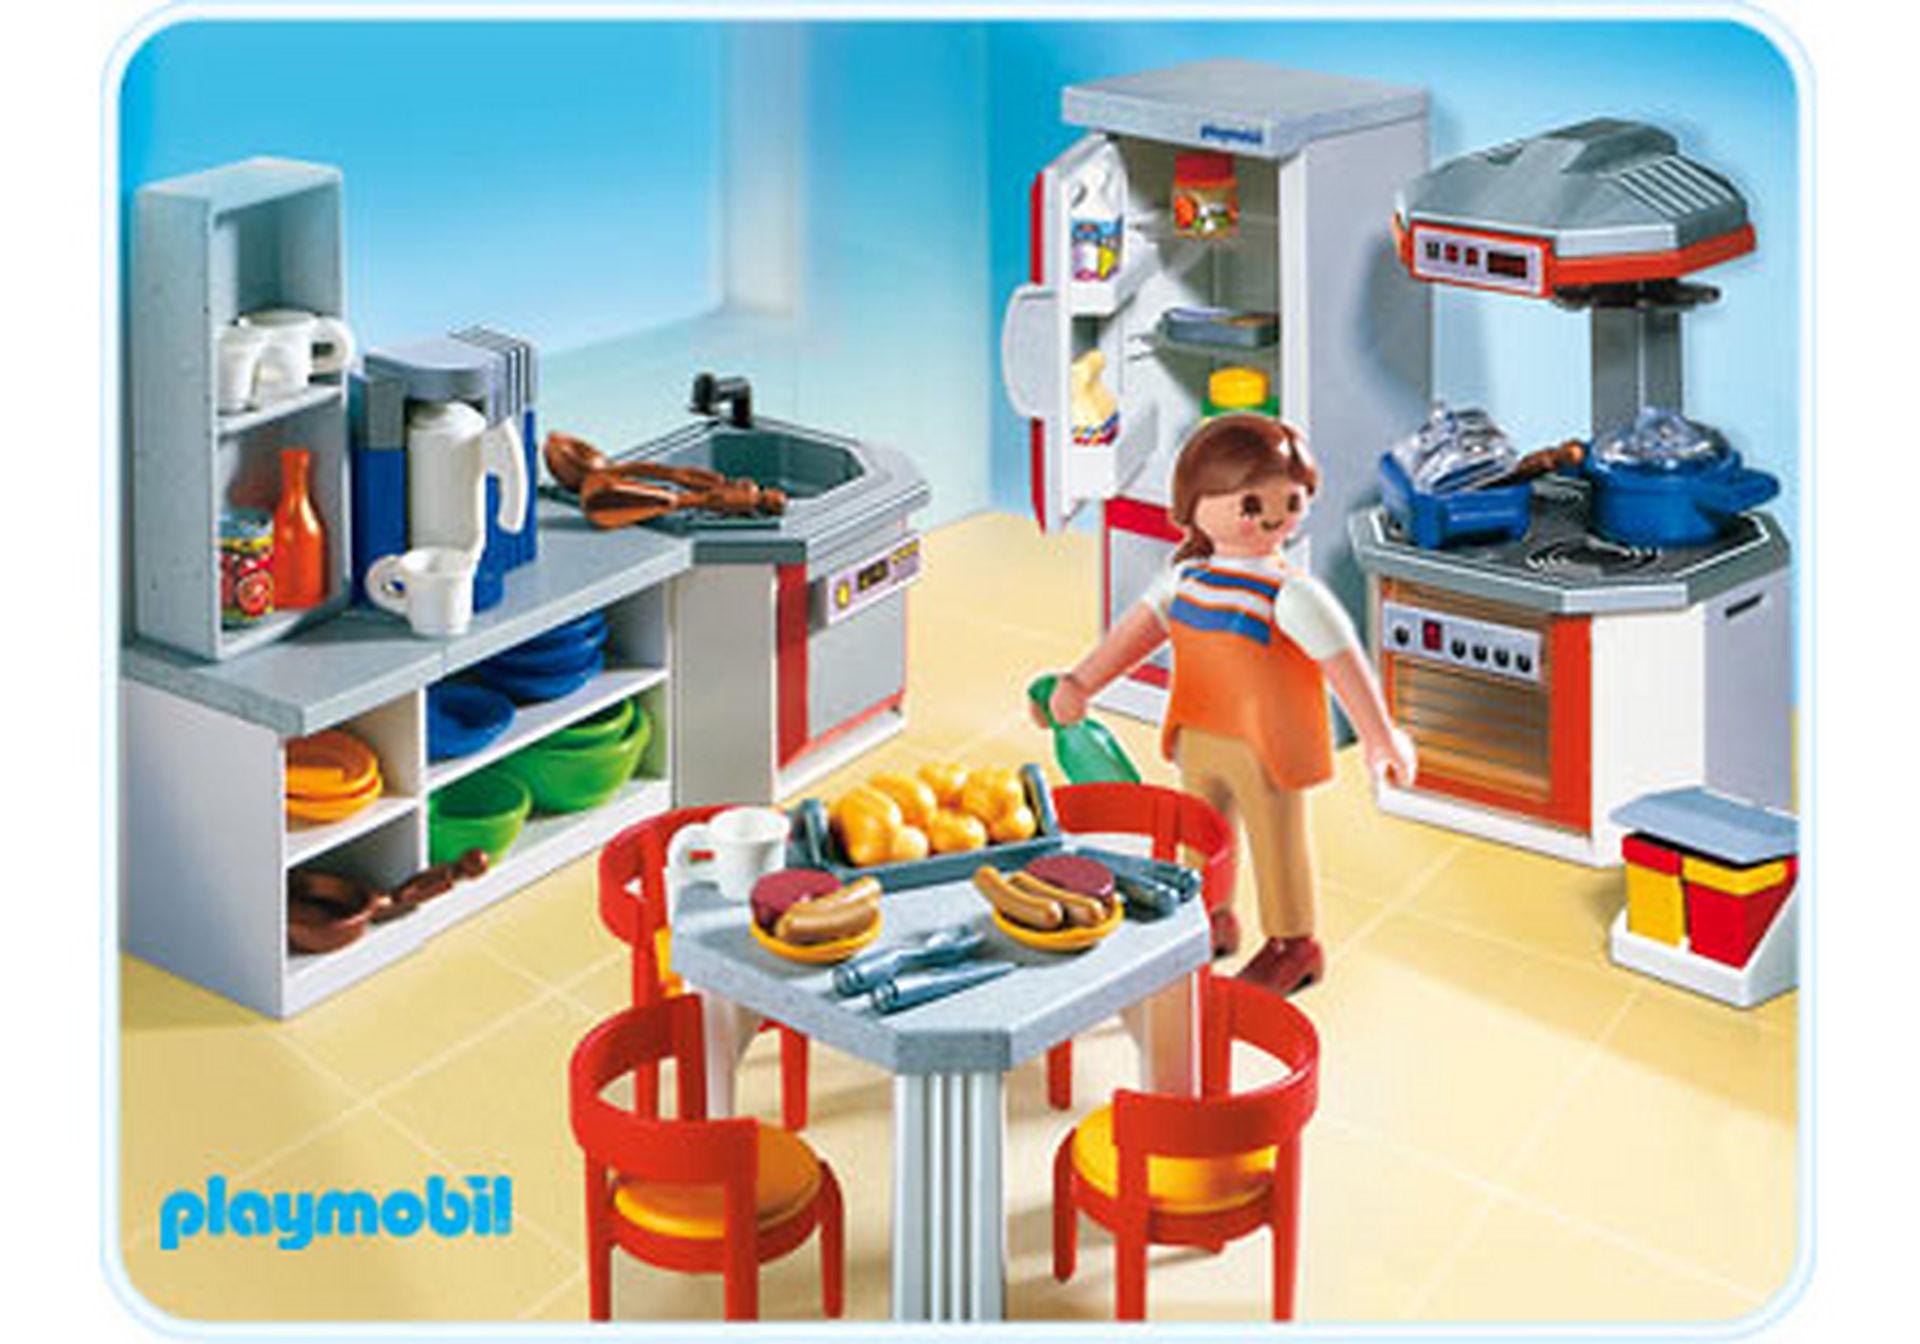 http://media.playmobil.com/i/playmobil/4283-A_product_detail/Cuisine équipée